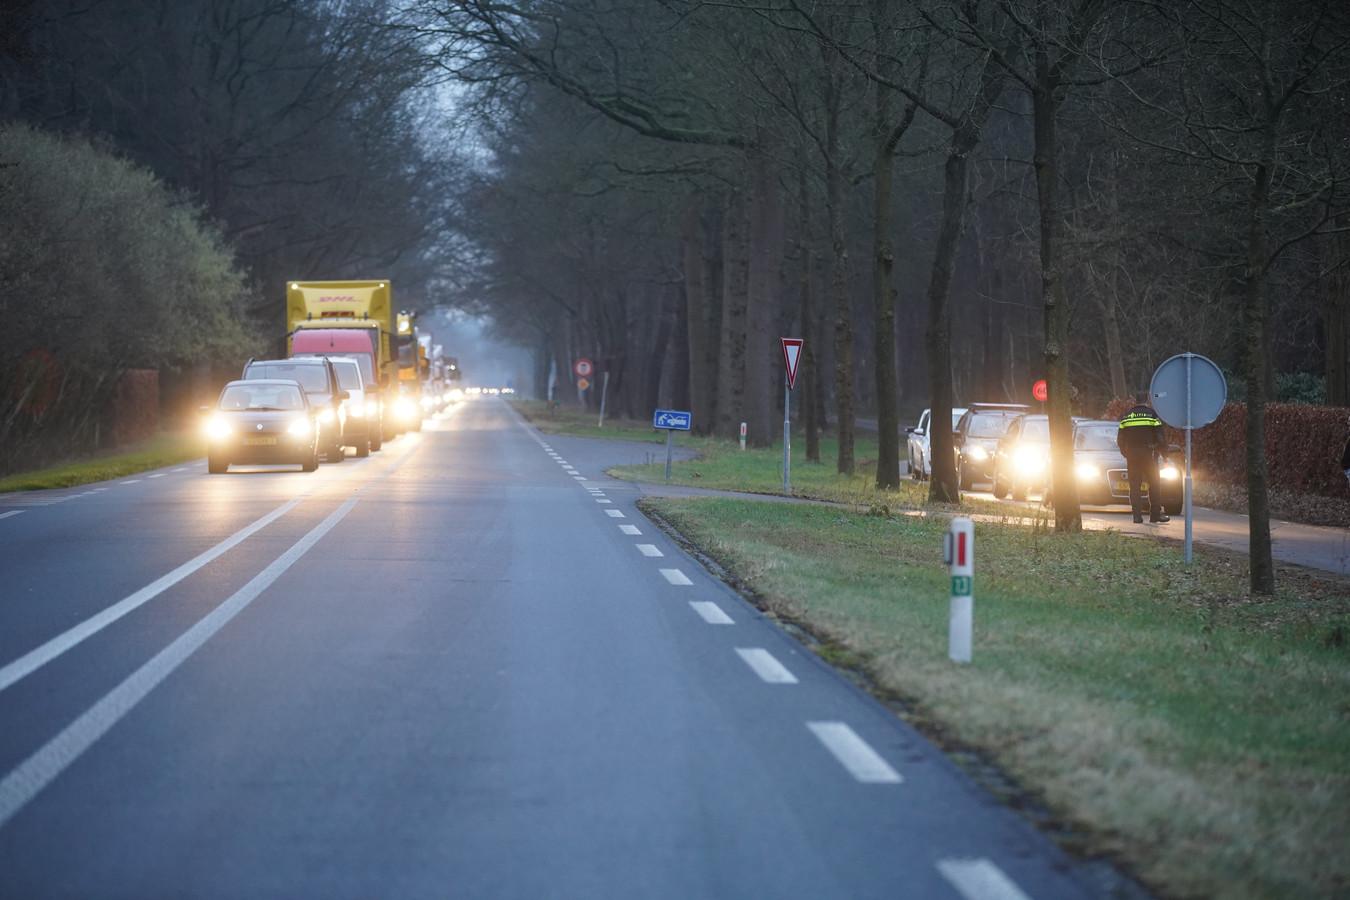 Door de vrachtwagenbrand zijn lange files ontstaan, het verkeer wordt over de parallelweg geleid.